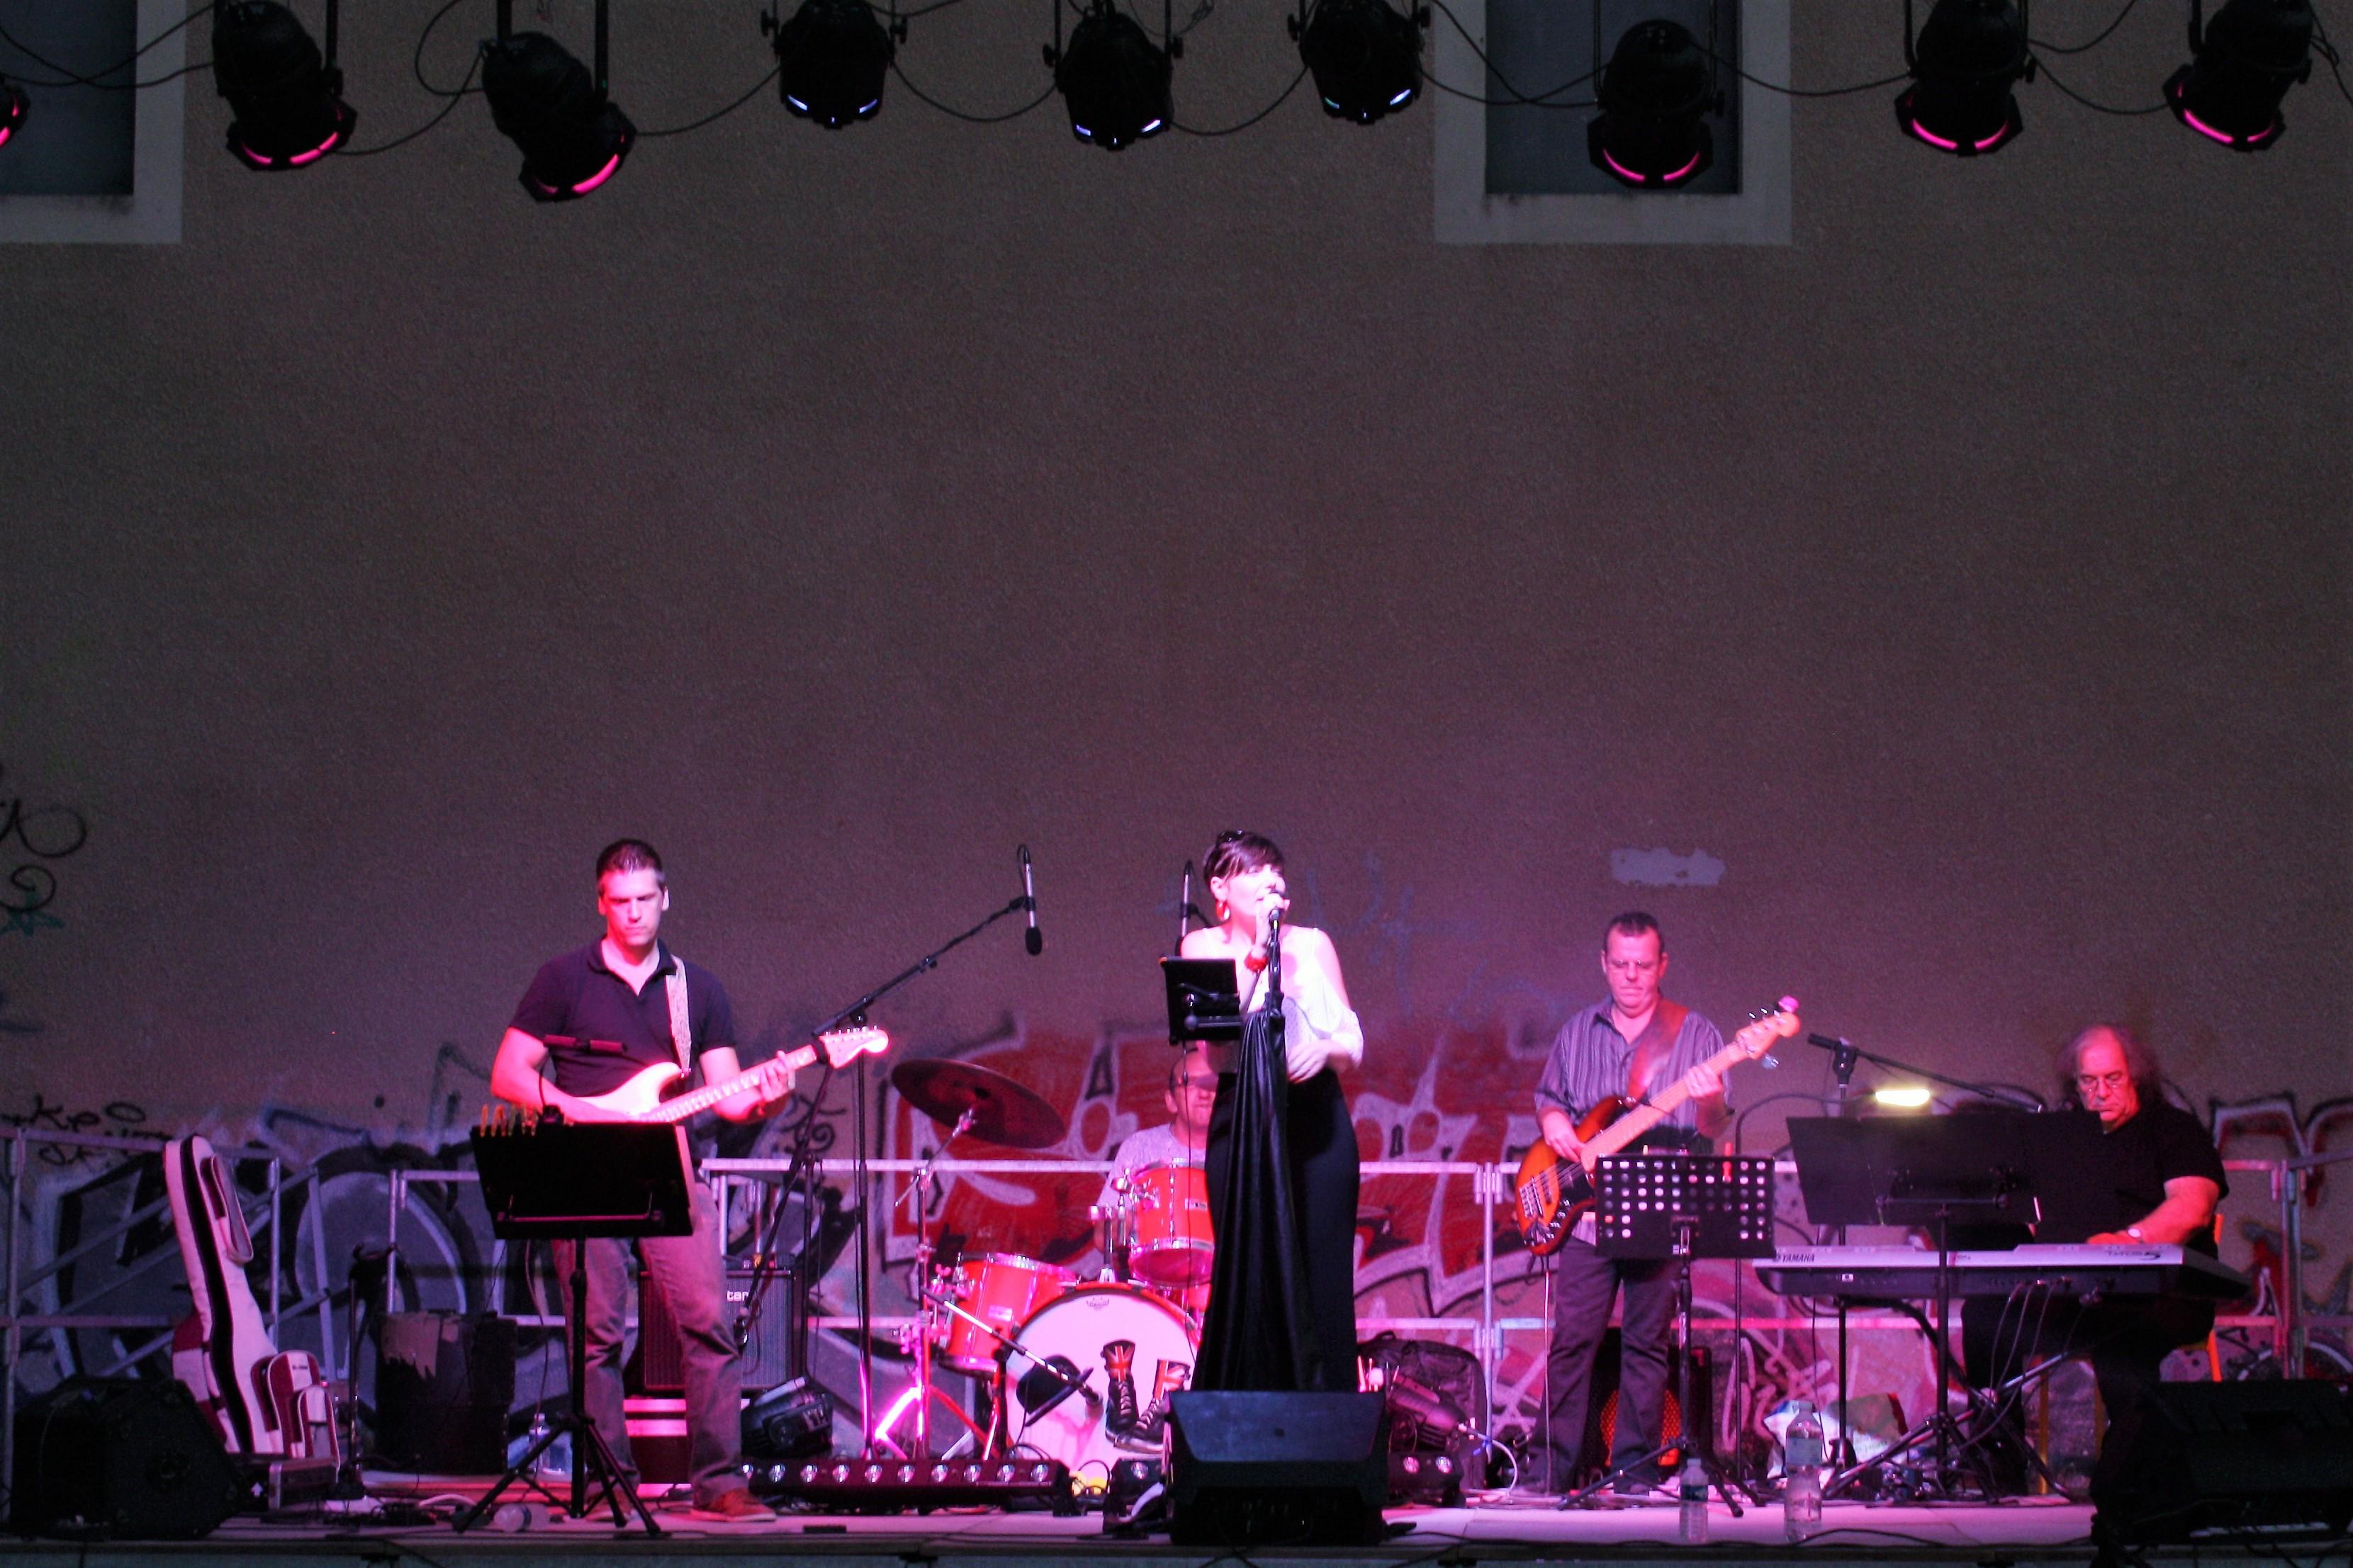 Concert du 04 août 2017 - Joyeuse (07)